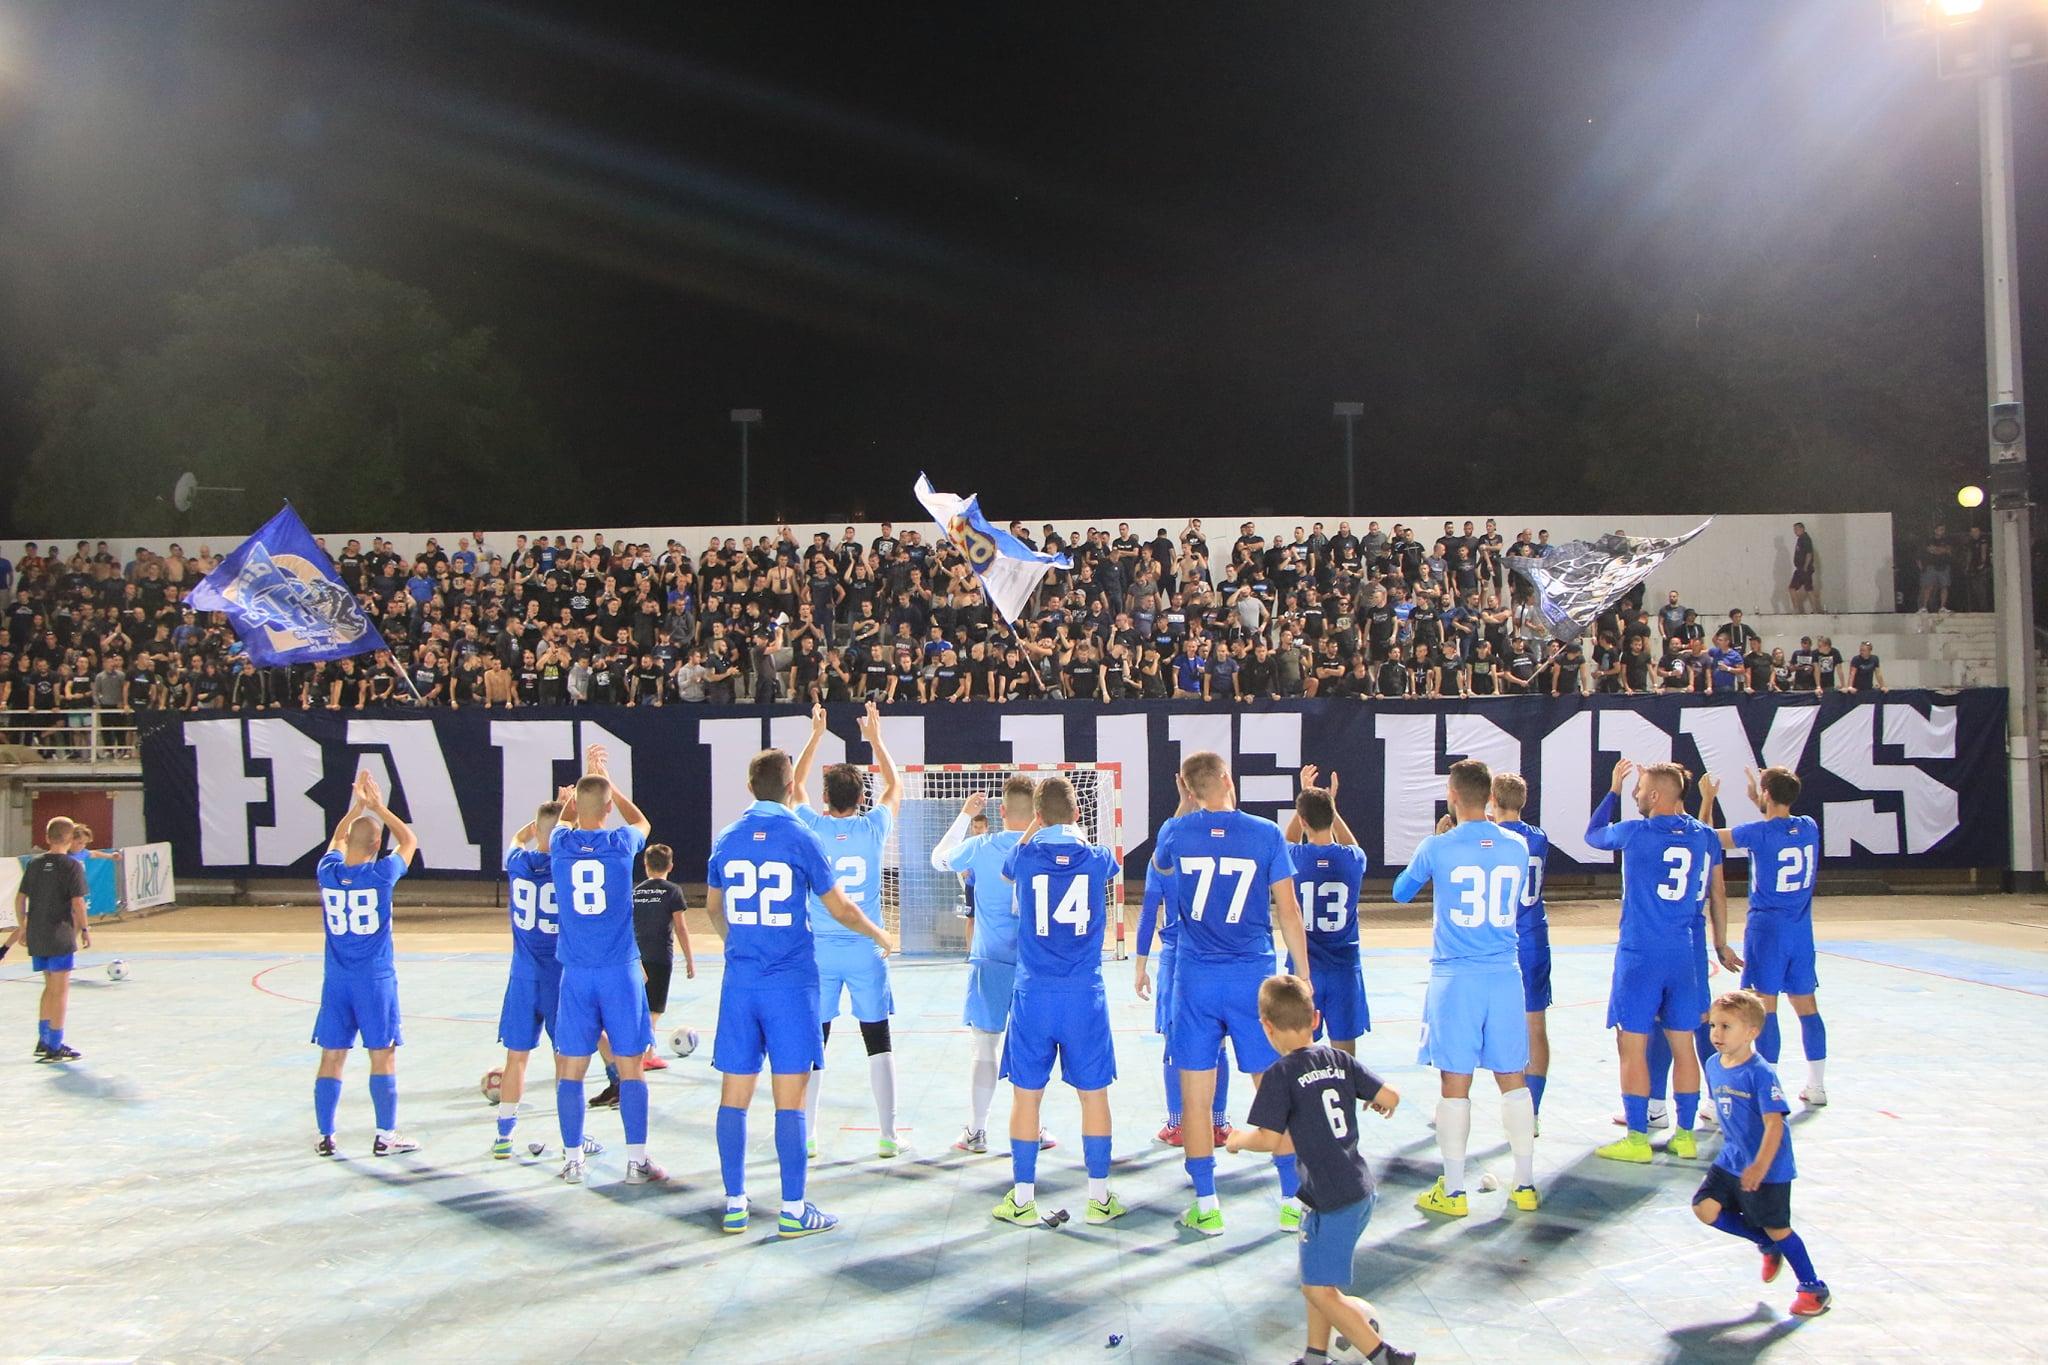 Kadar Futsal Dinama za sezonu 2021/22 pojačan je sa šestim igračem